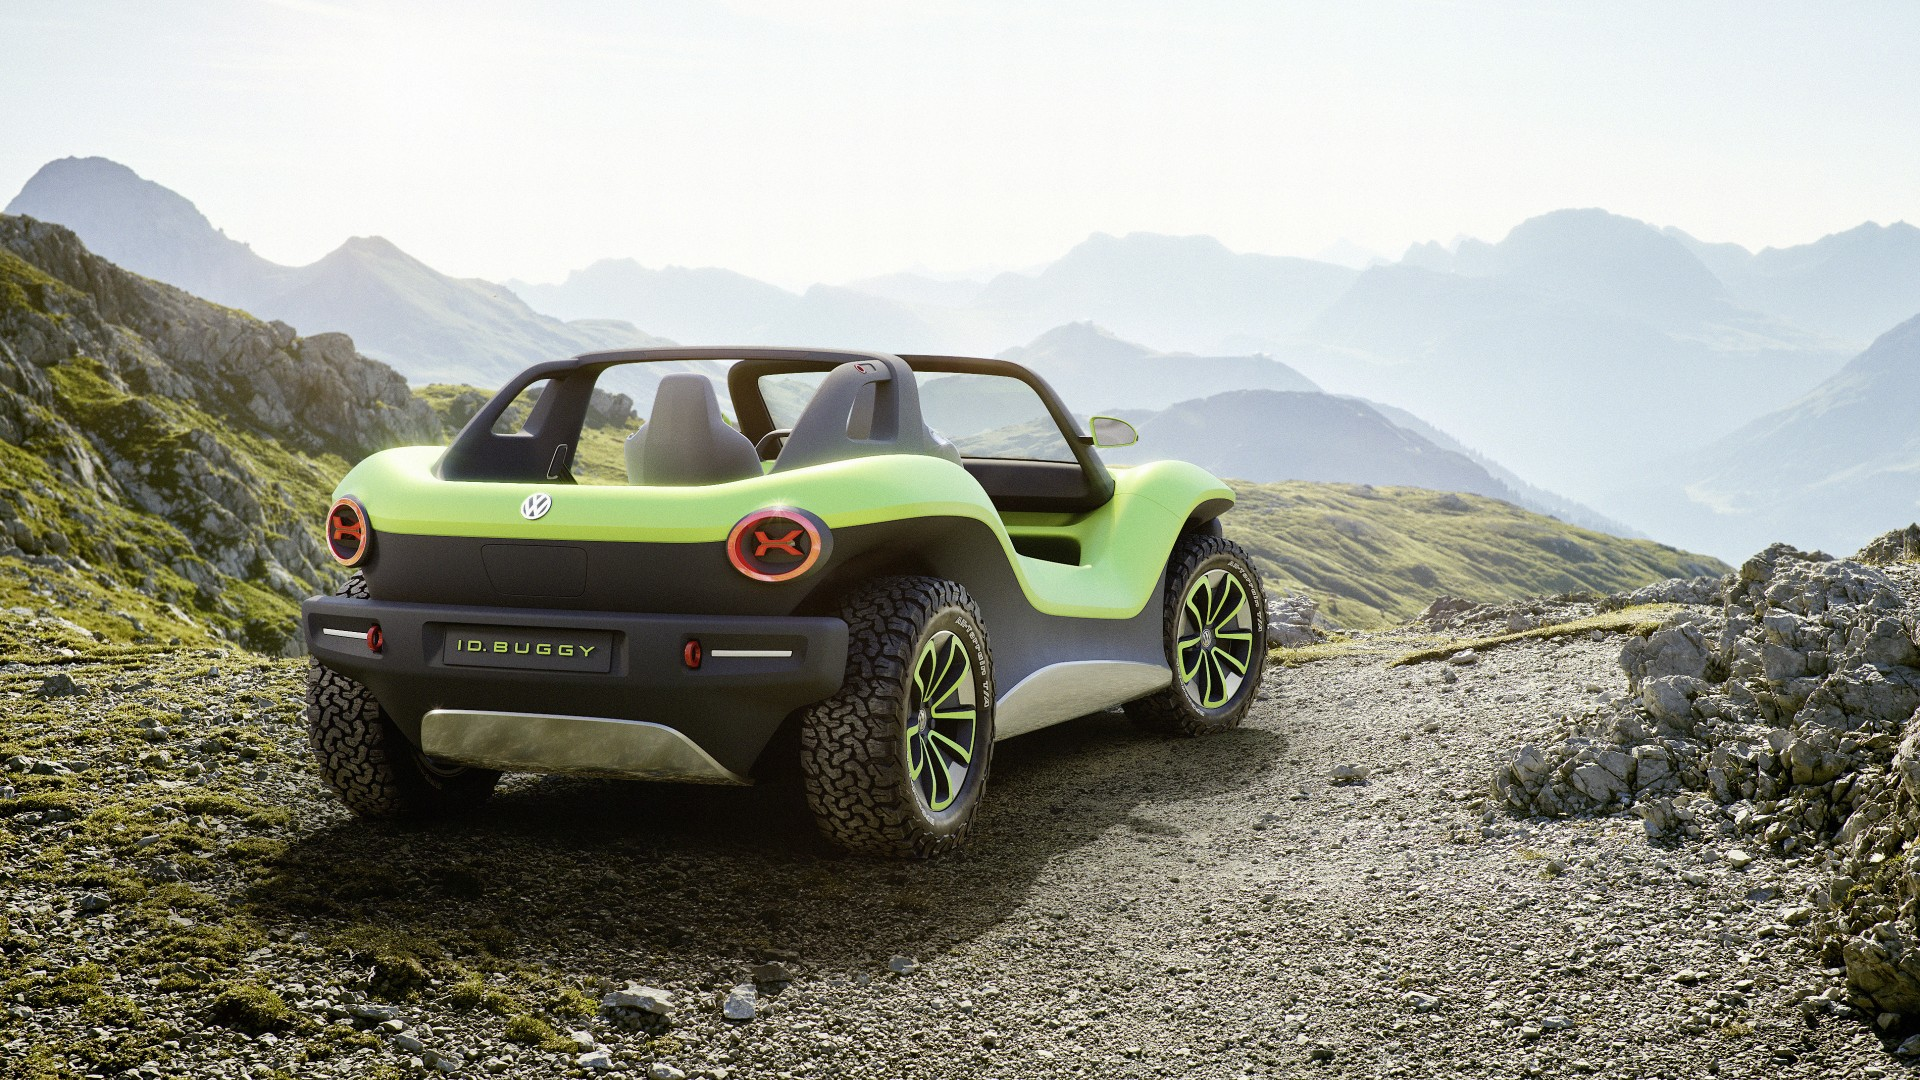 Elektrische fun car van Volkswagen: de ID. BUGGY